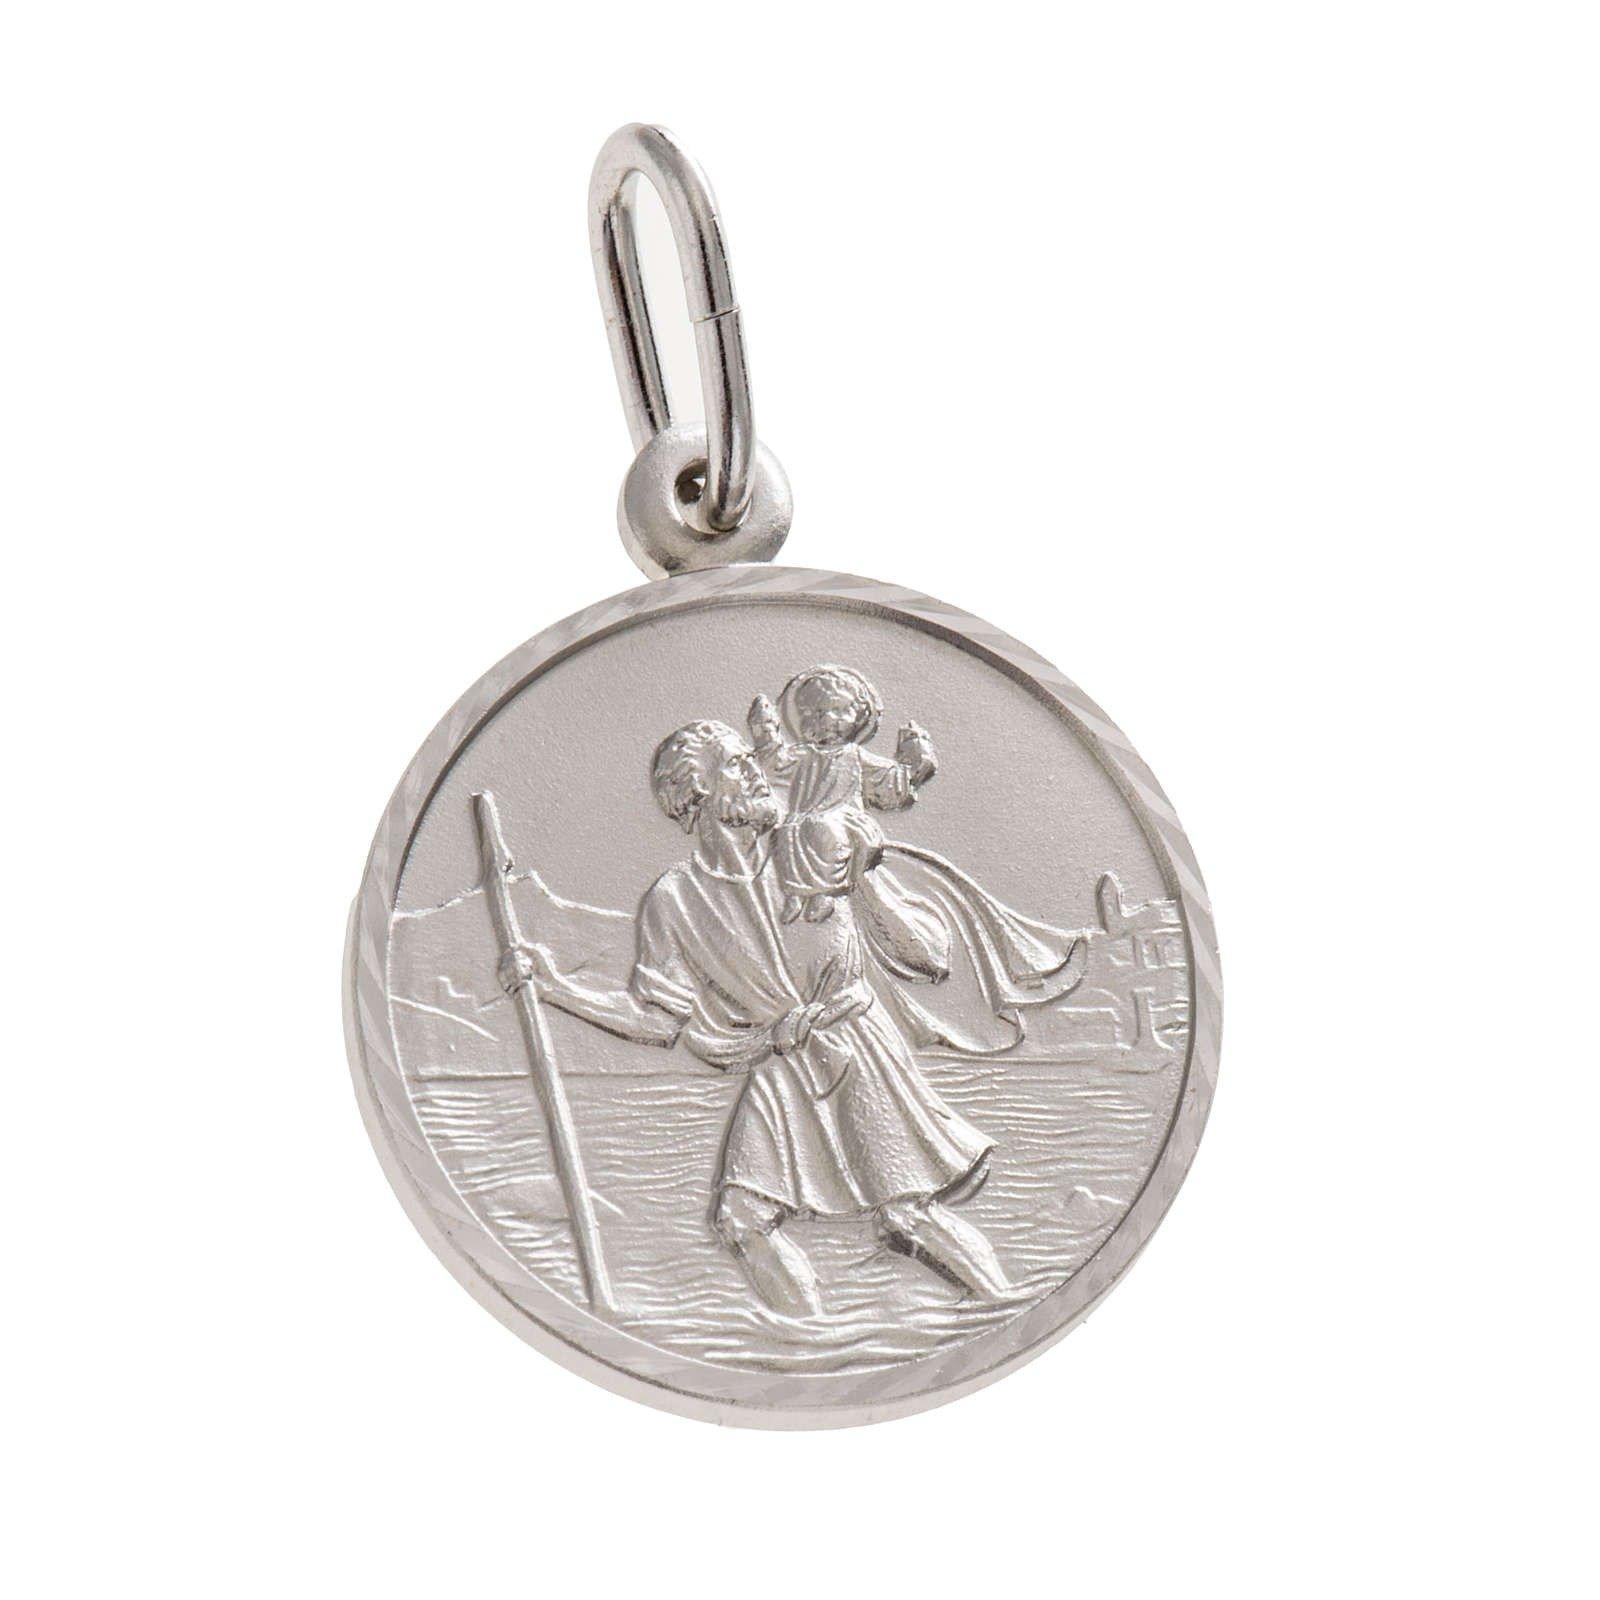 Médaille en argent de saint Christophe - 15 mm